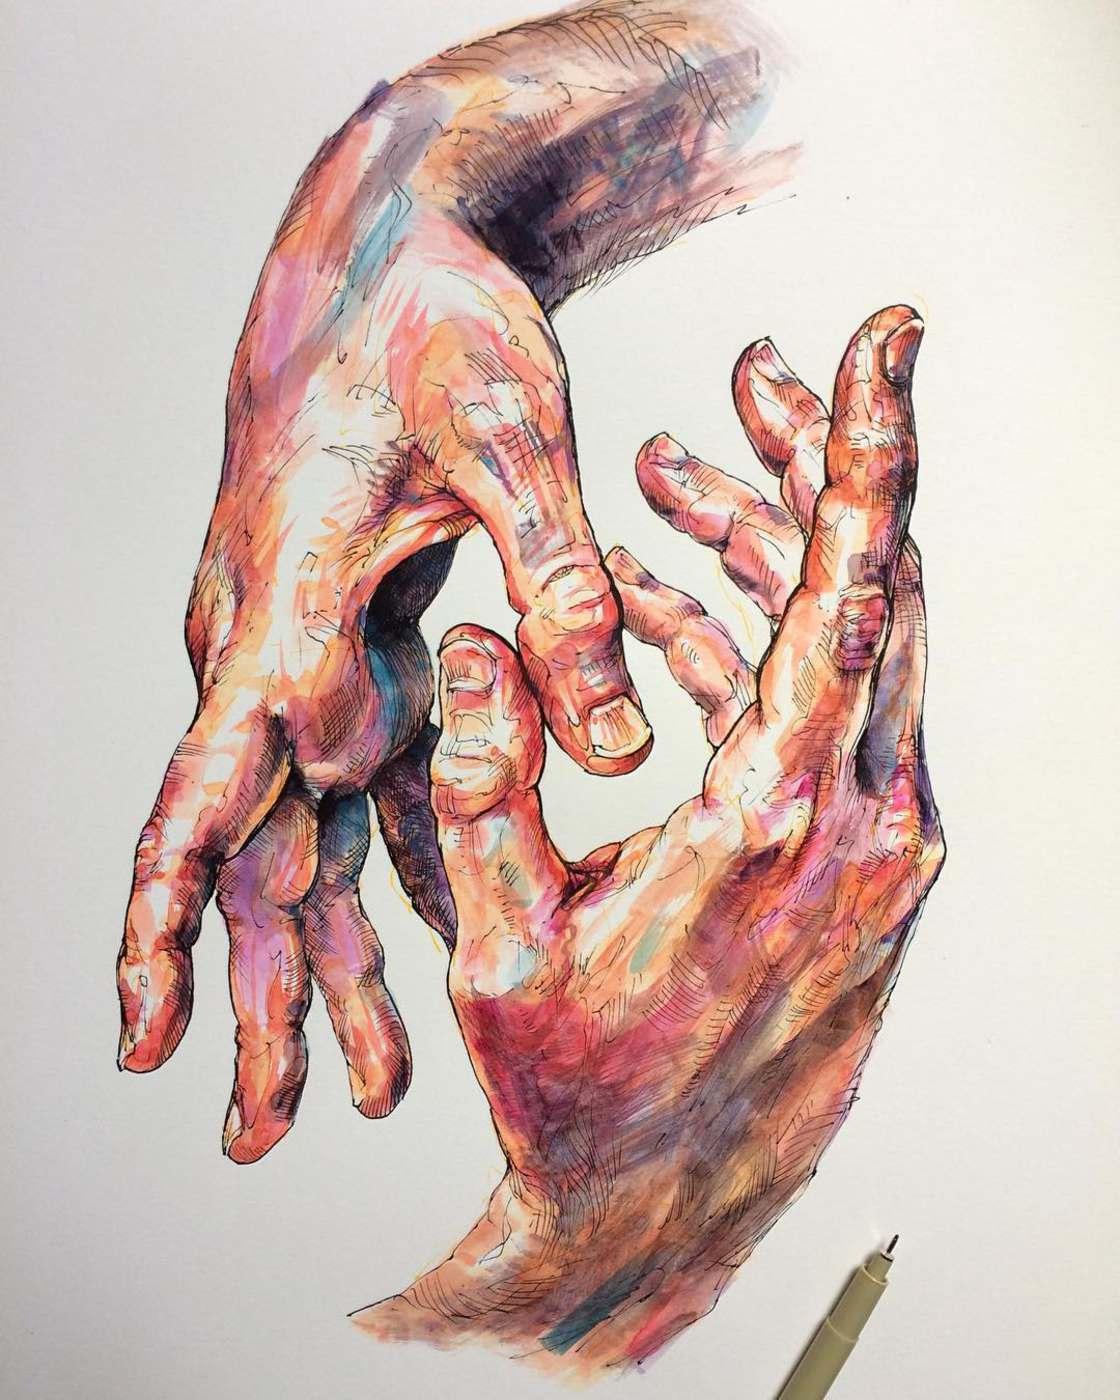 Hands and Flowers - Les illustrations poetiques de Noel Badges Pugh